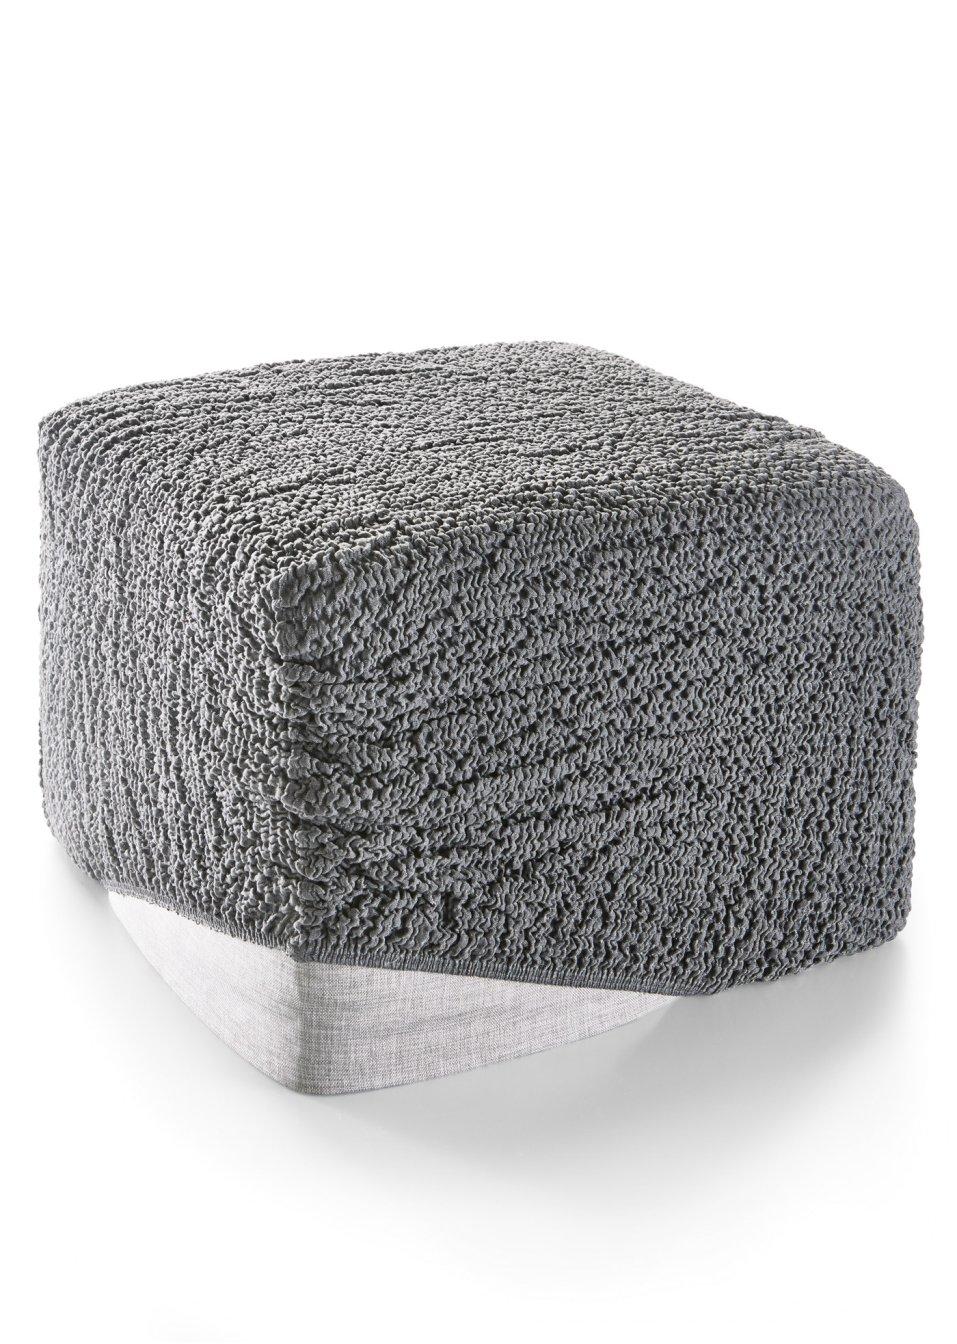 hocker husse crincle anthrazit bpc living. Black Bedroom Furniture Sets. Home Design Ideas